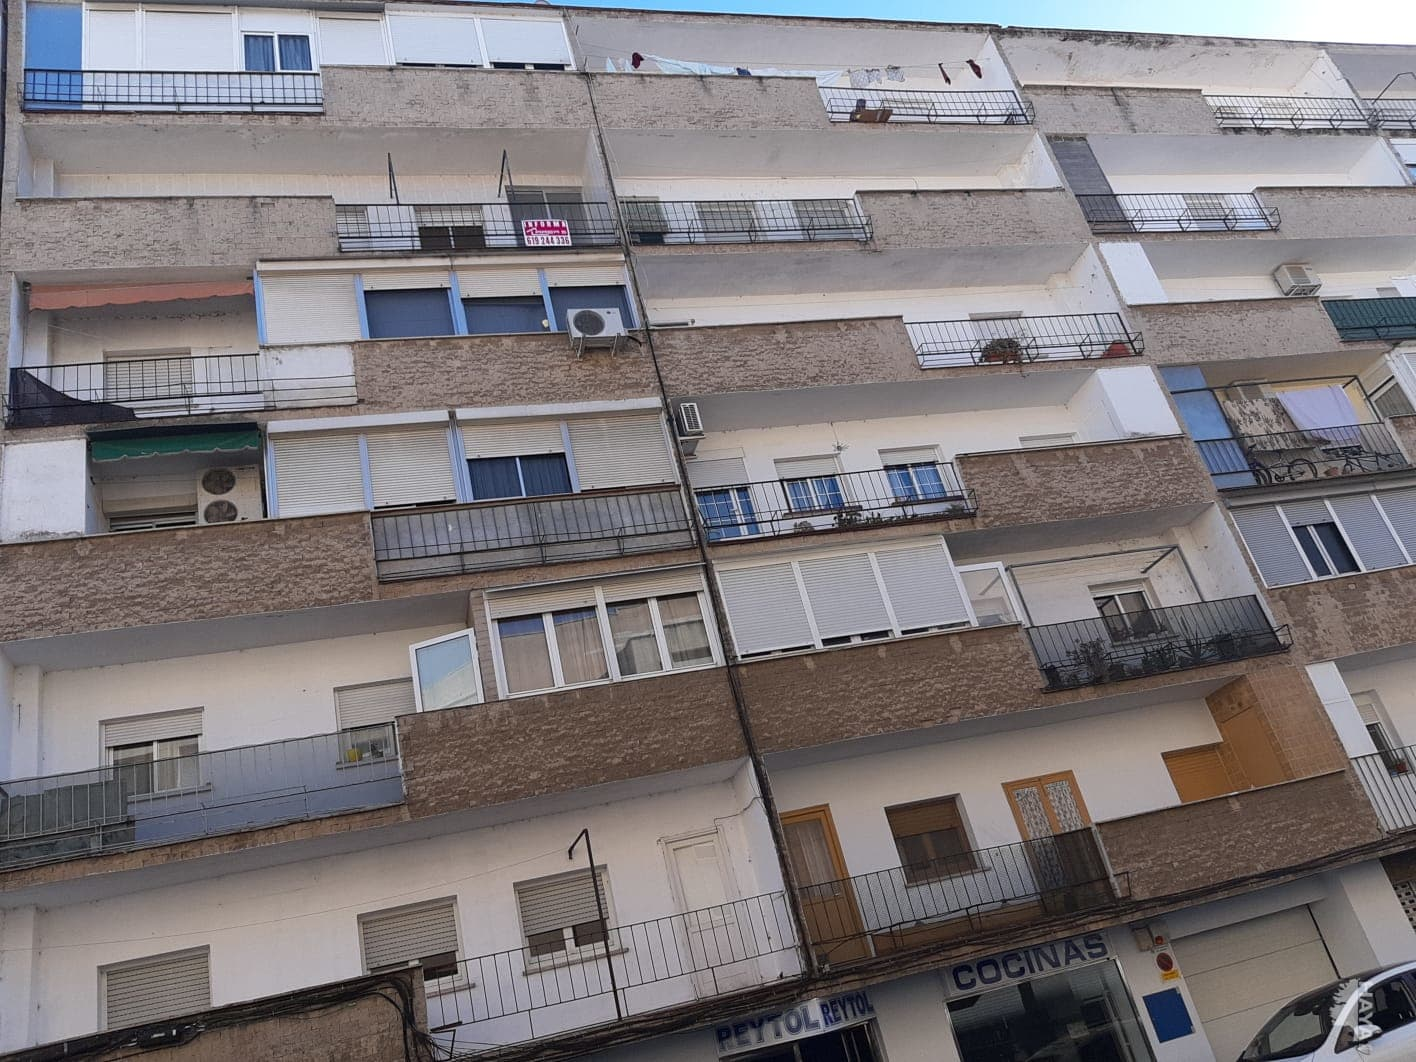 Piso en venta en Mérida, Badajoz, Calle Caceres, 30.000 €, 3 habitaciones, 1 baño, 93 m2